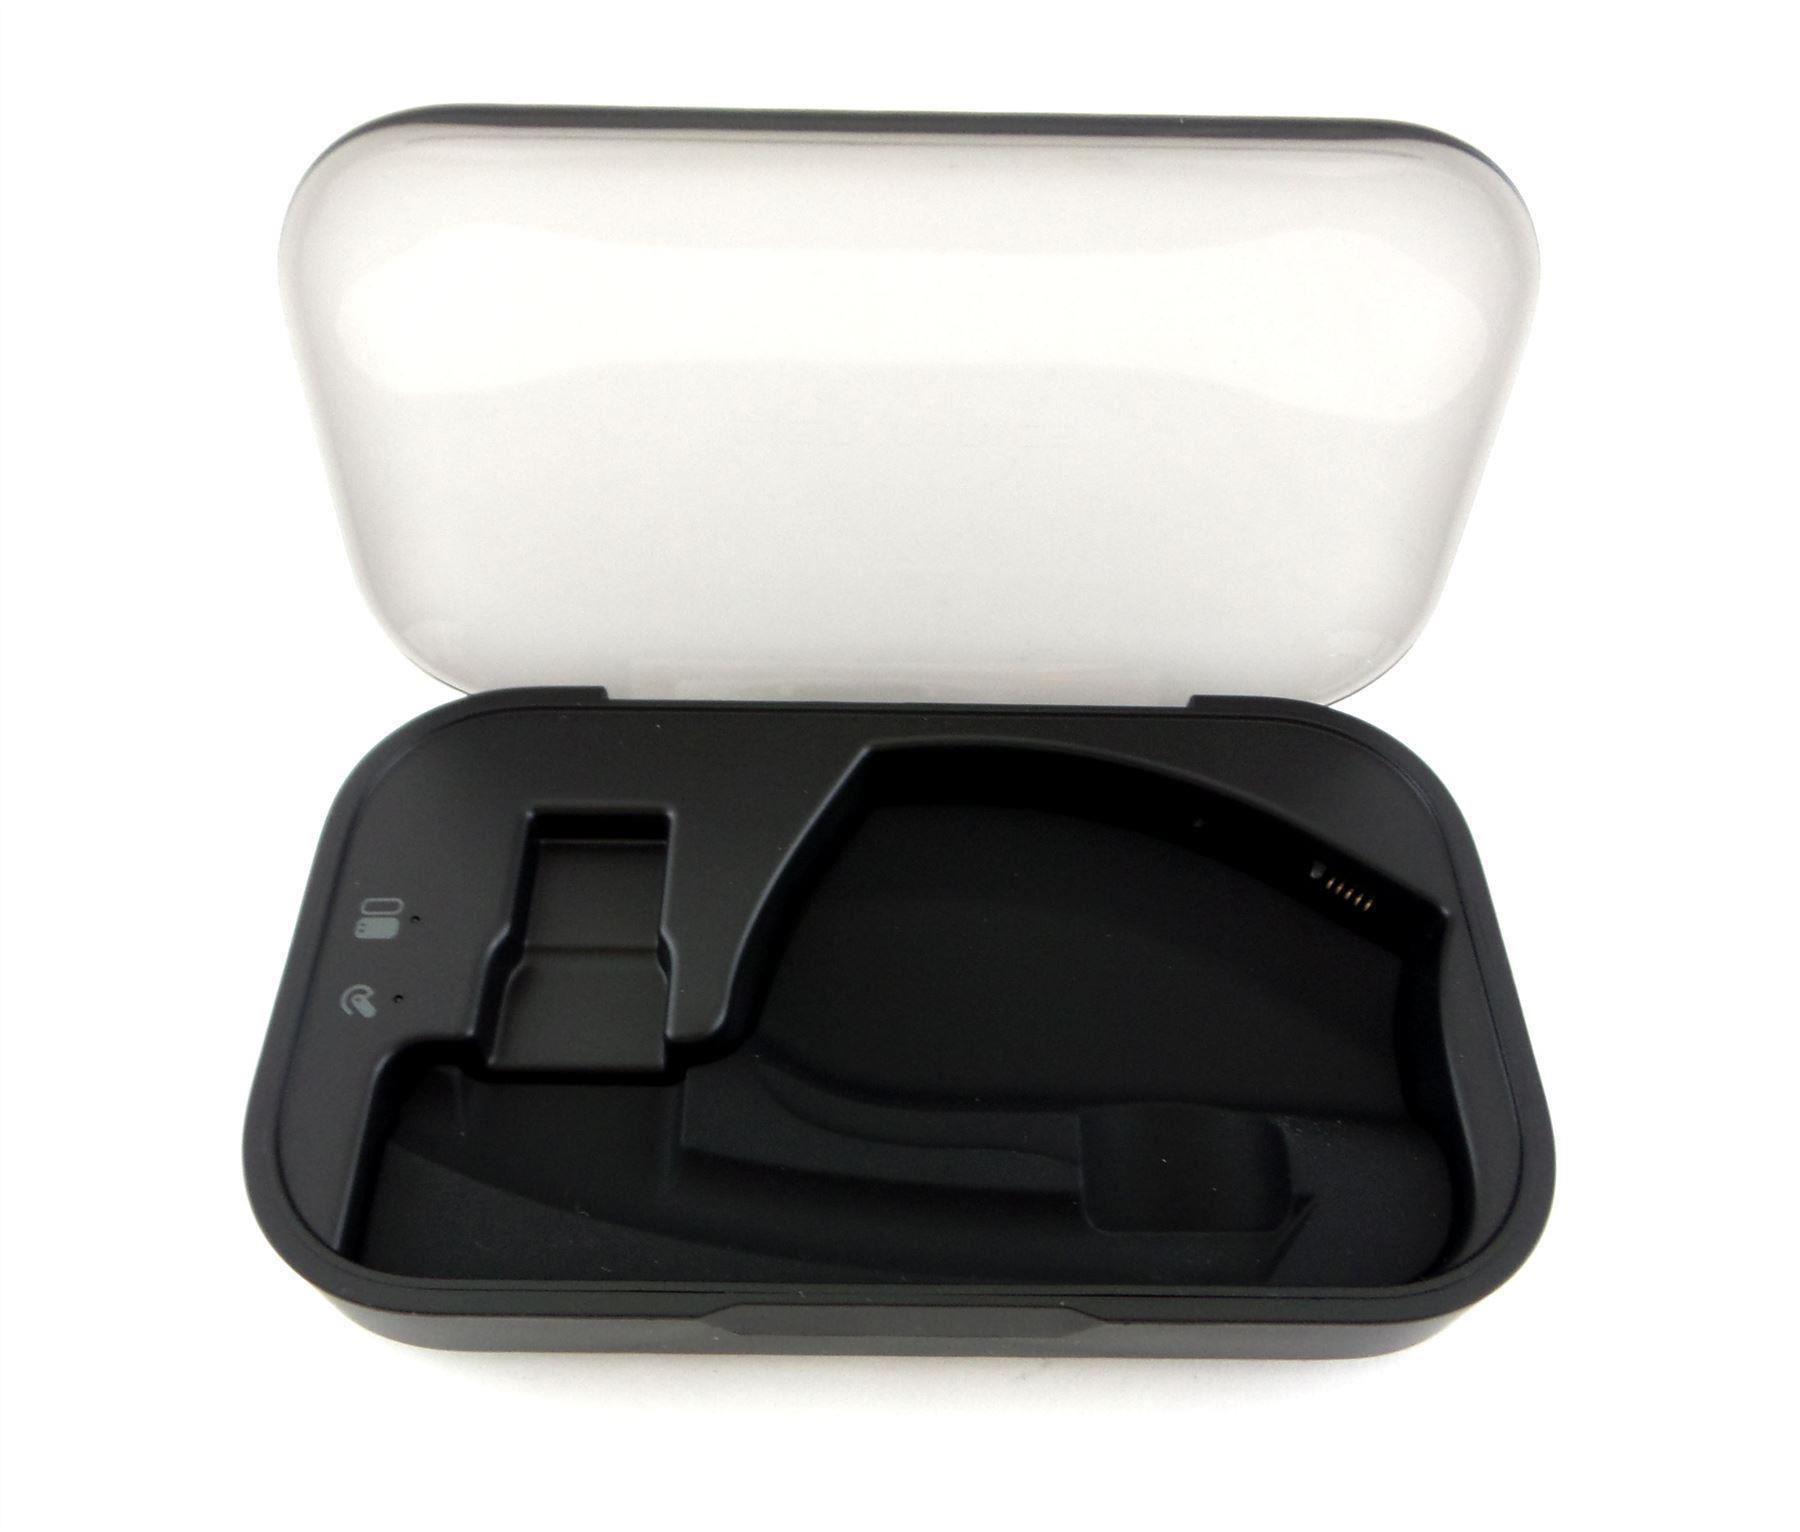 Plantronics Charging Case for Voyager Legend Headset Black PBTLEGENDCHG   eBay